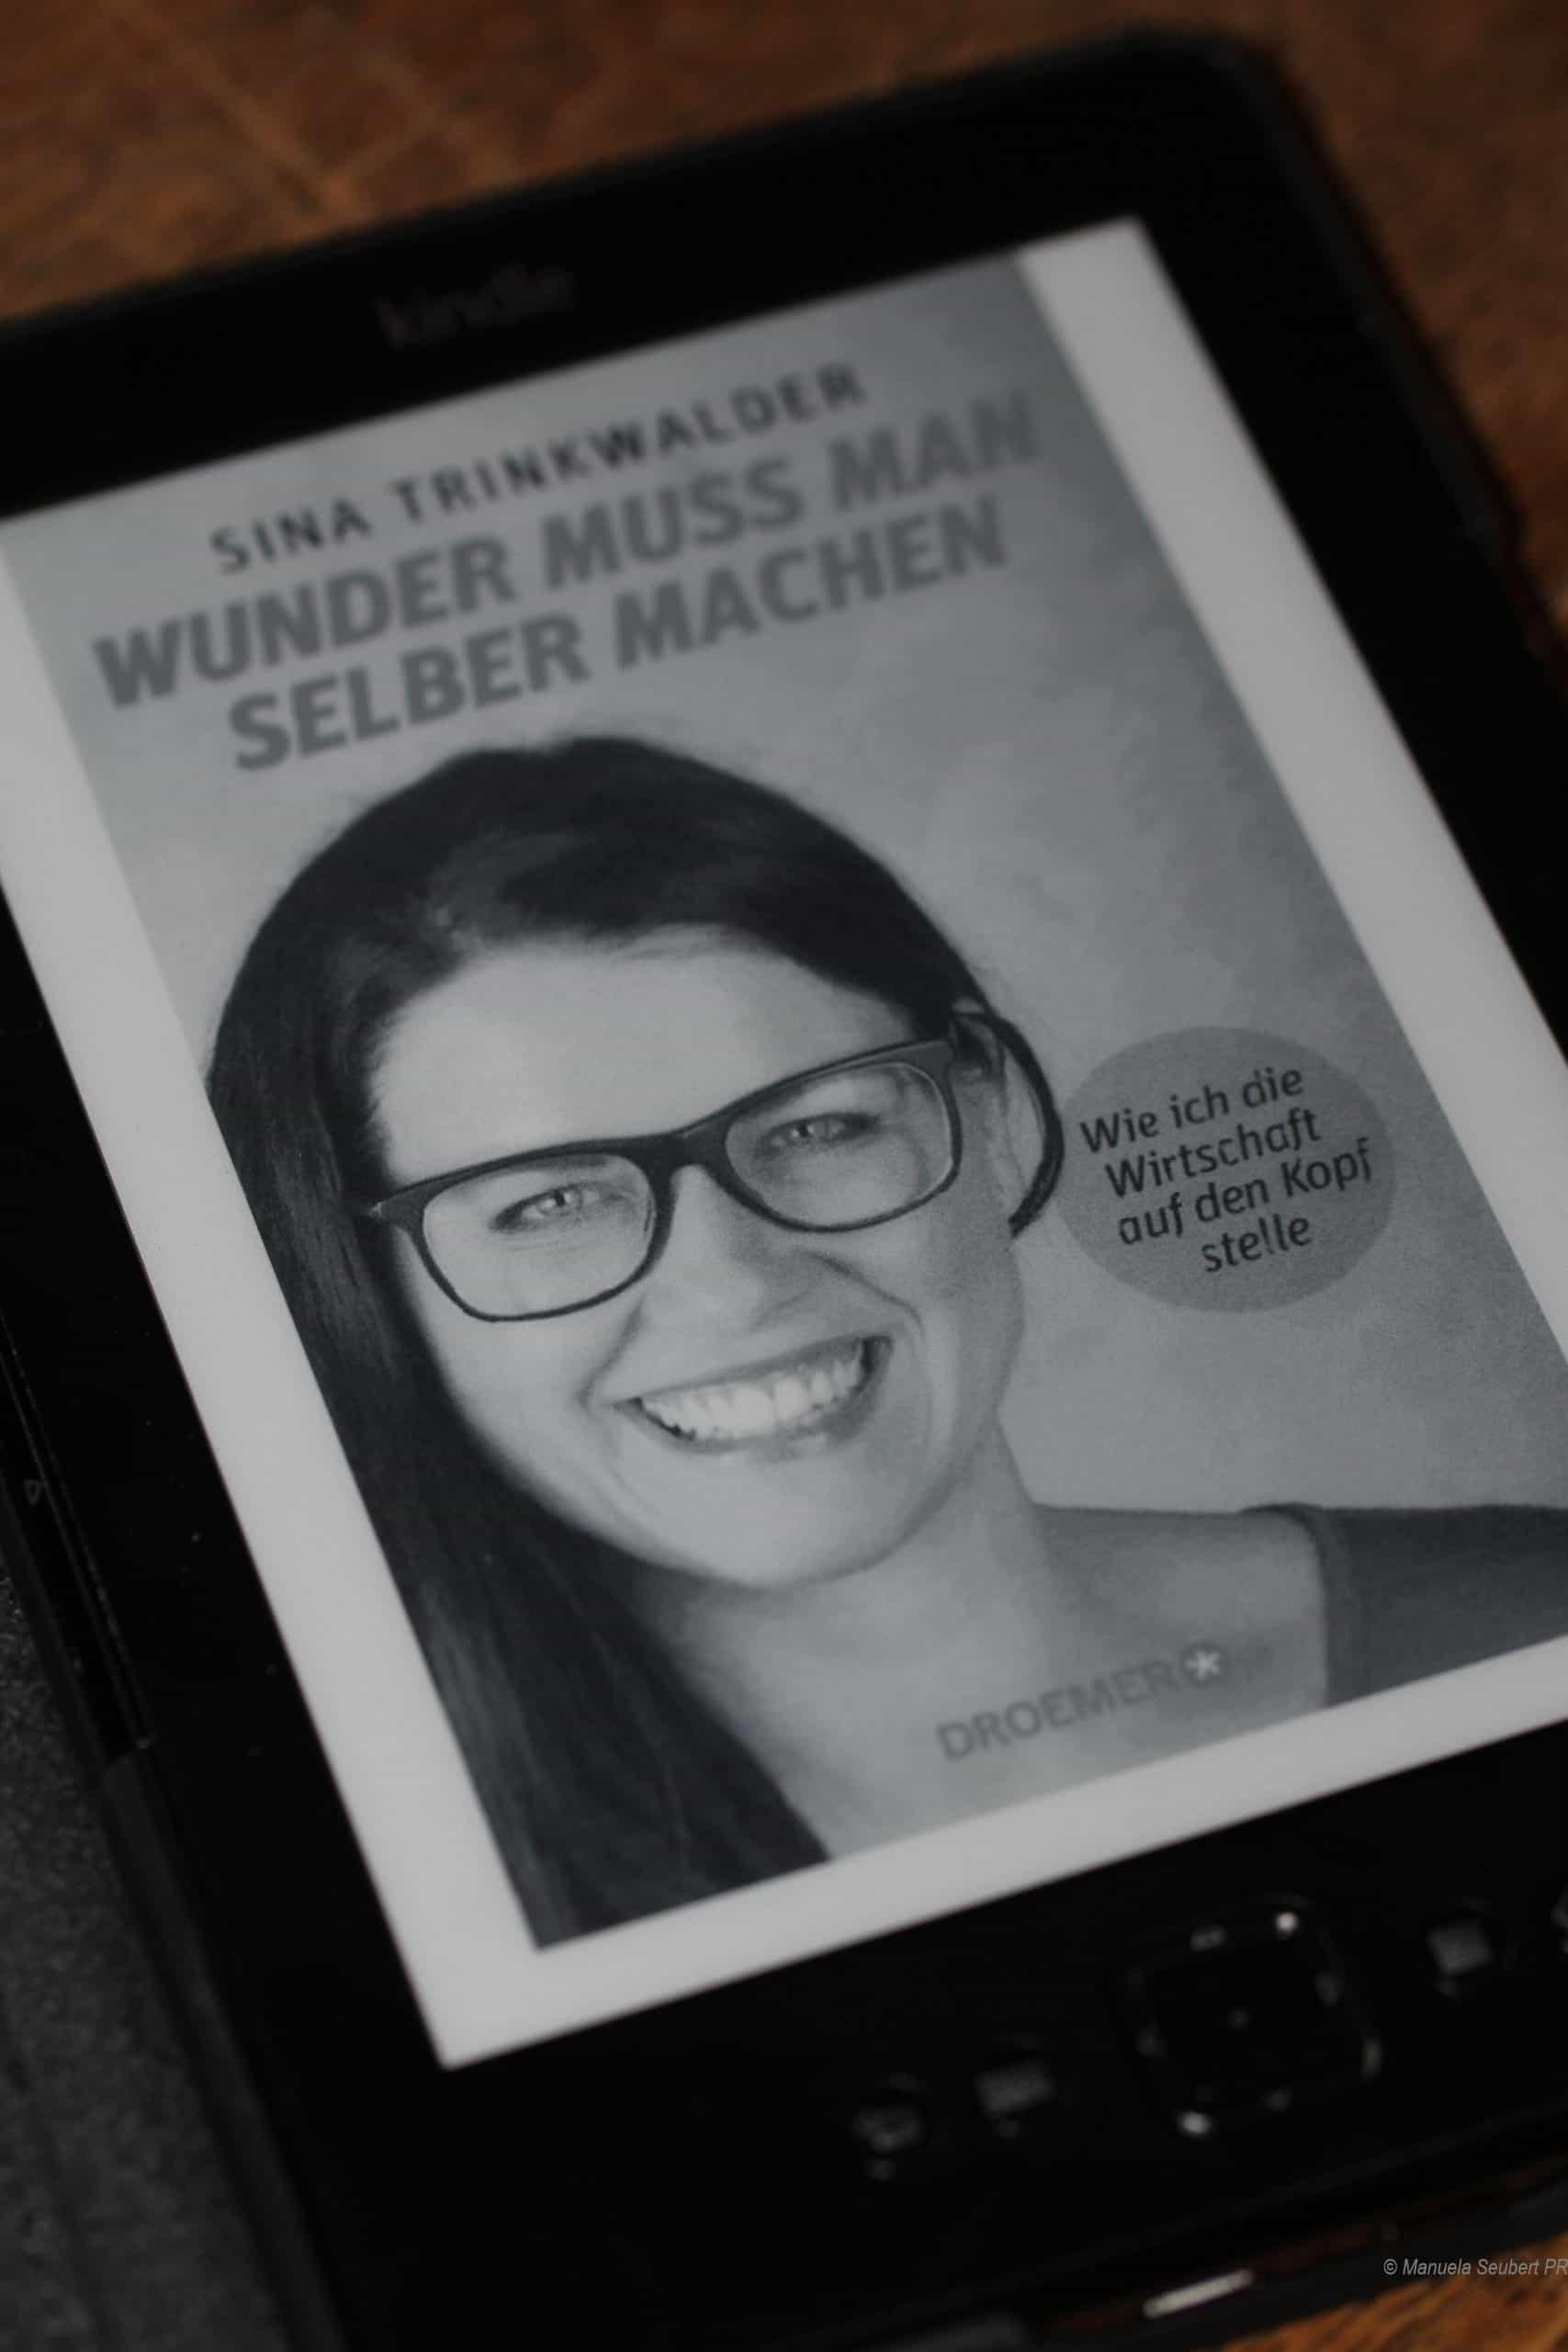 Rezension: Wunder muss man selber machen, Sina Trinkwalder, 2013